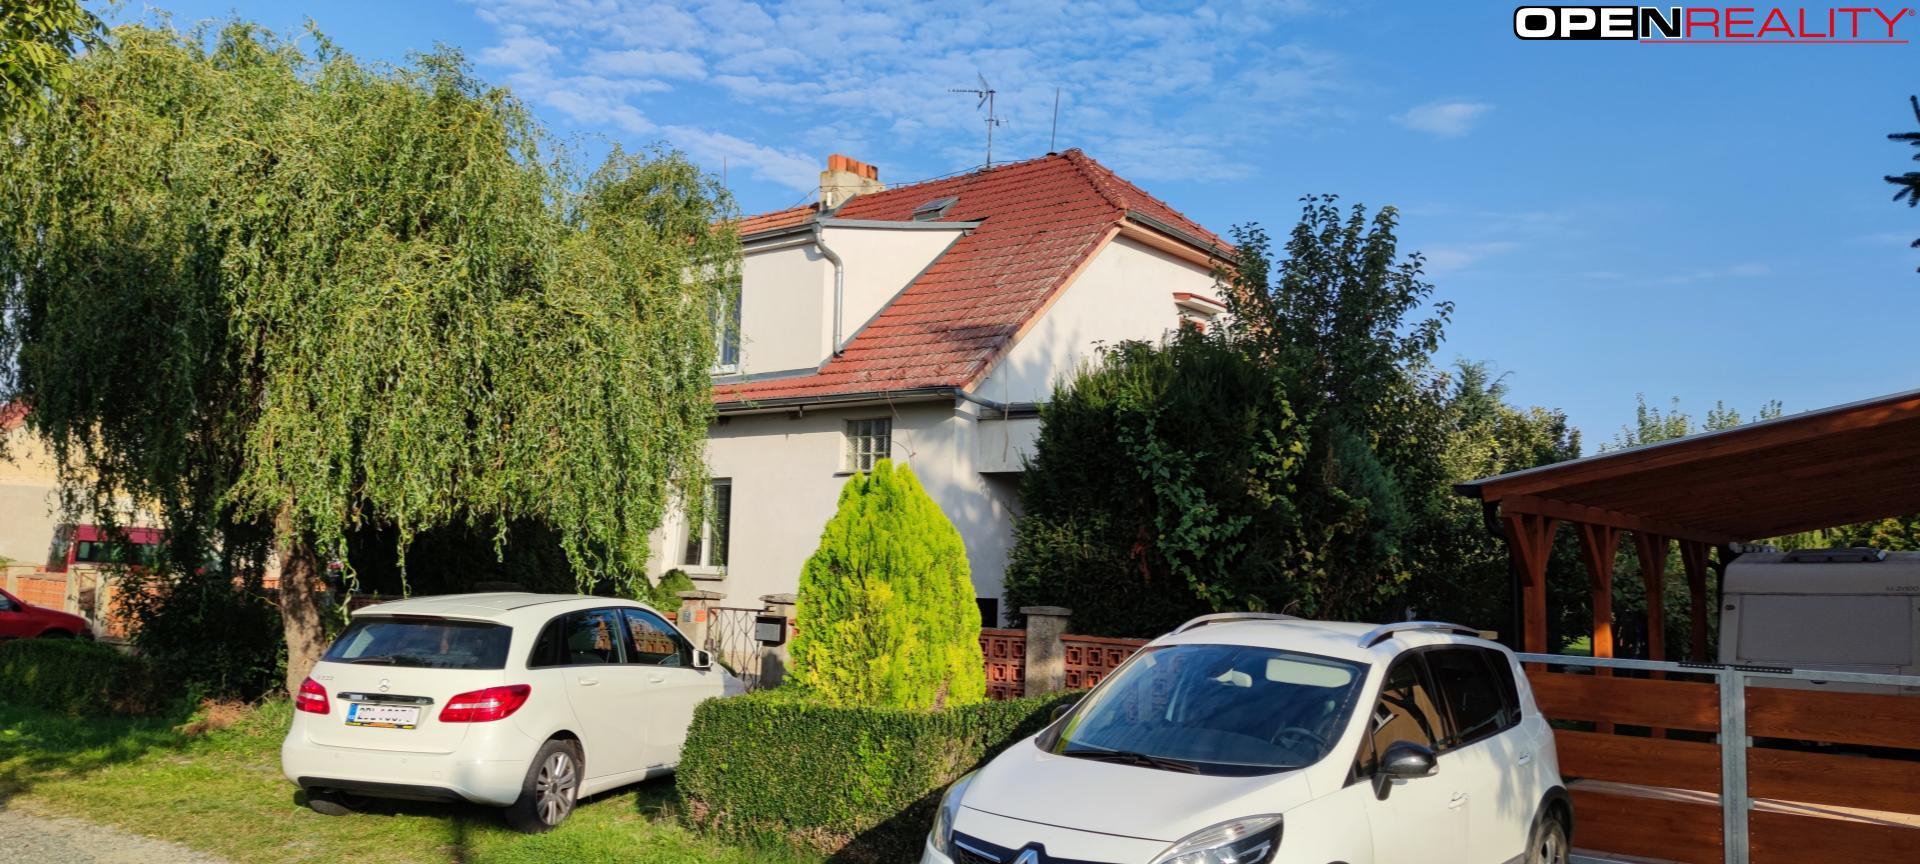 Prodej udržovaného dvoupatrového rodinného domu se zahradou v k.ú. Měnín, v obci Jalovisko